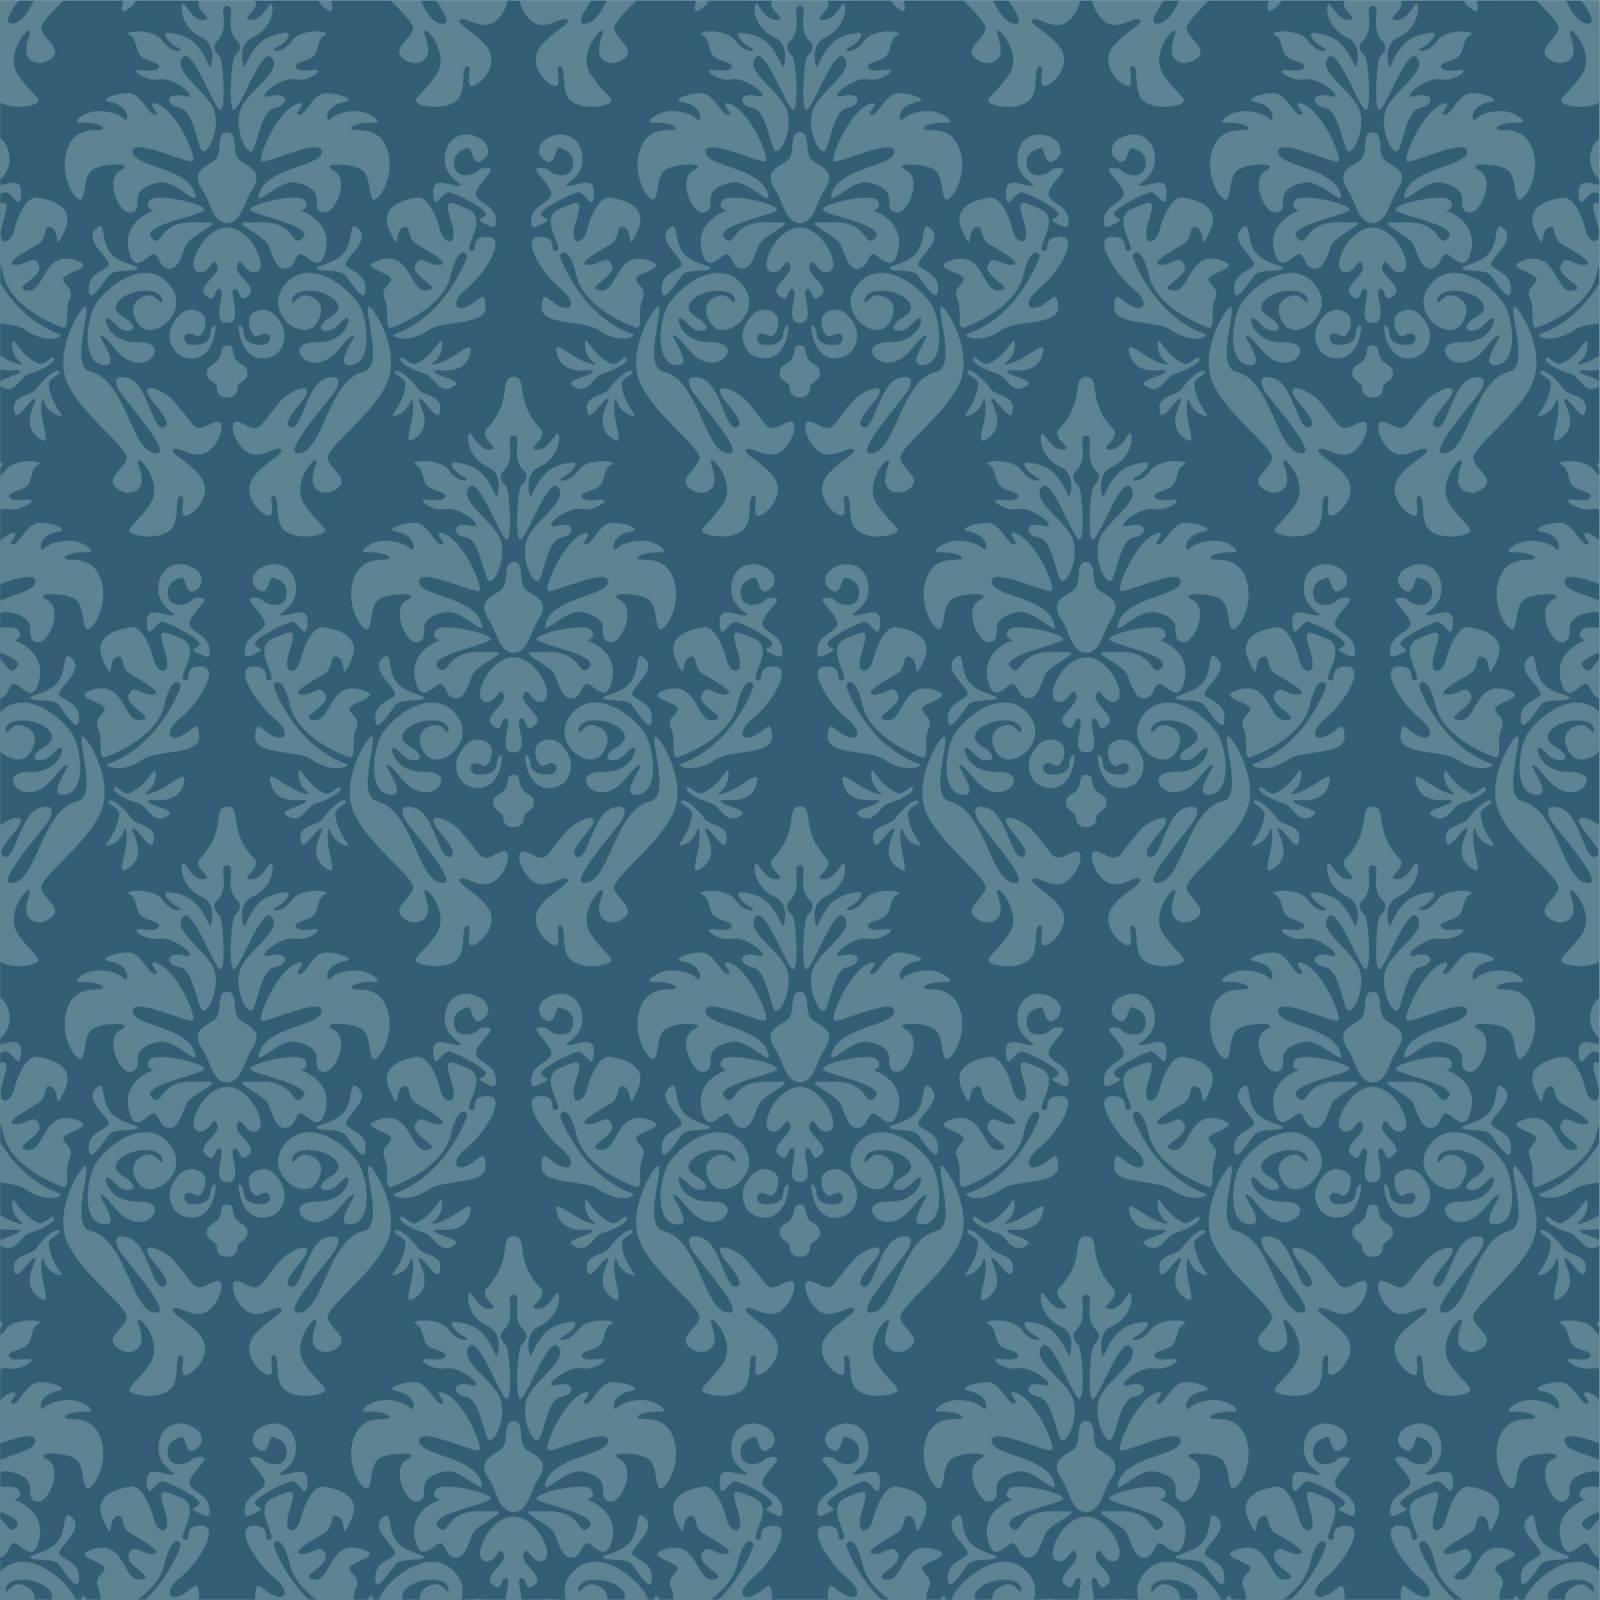 Papel de Parede Arabesco Azul | Rolo Adesivo imagem 1